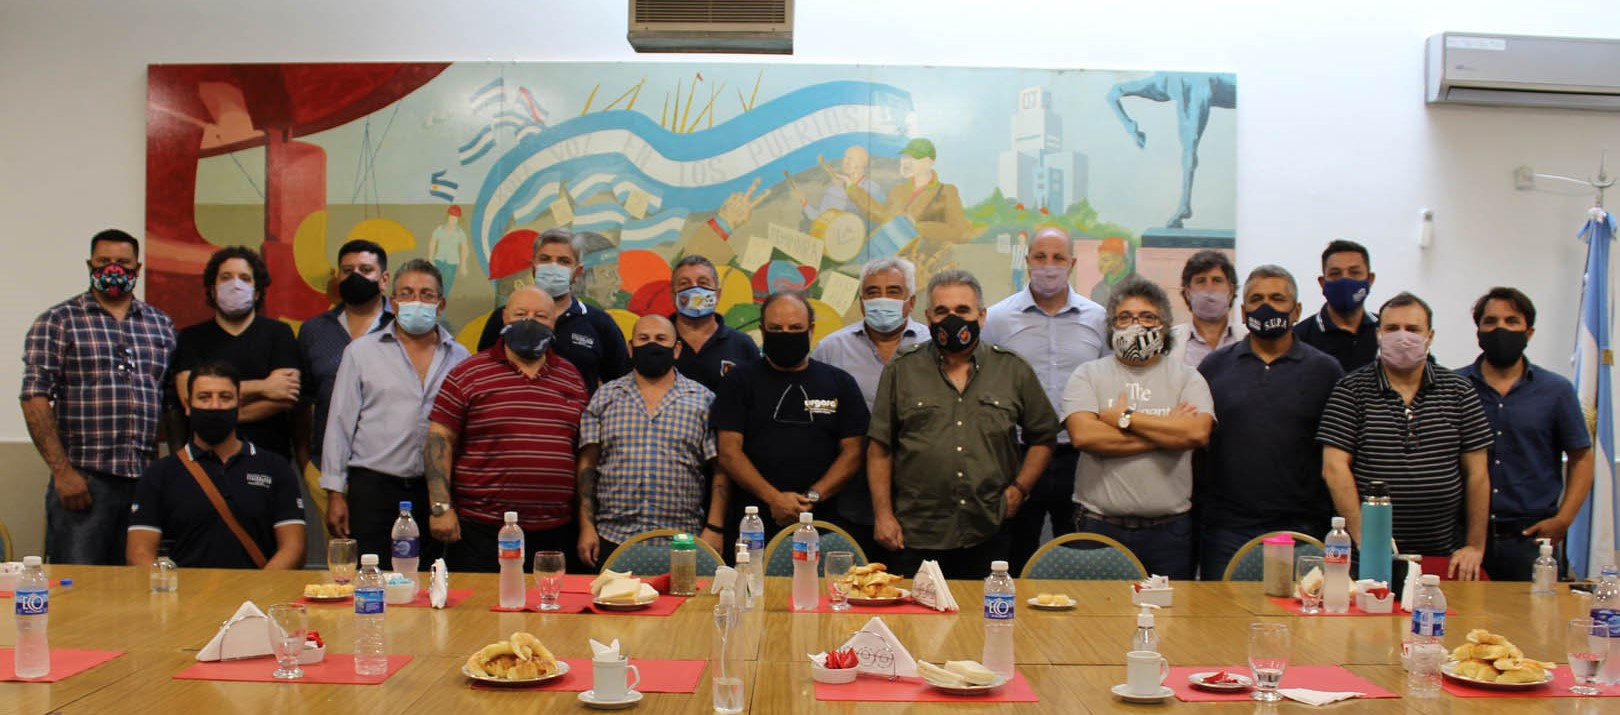 Nace una nueva confederación sindical portuario-aceitera